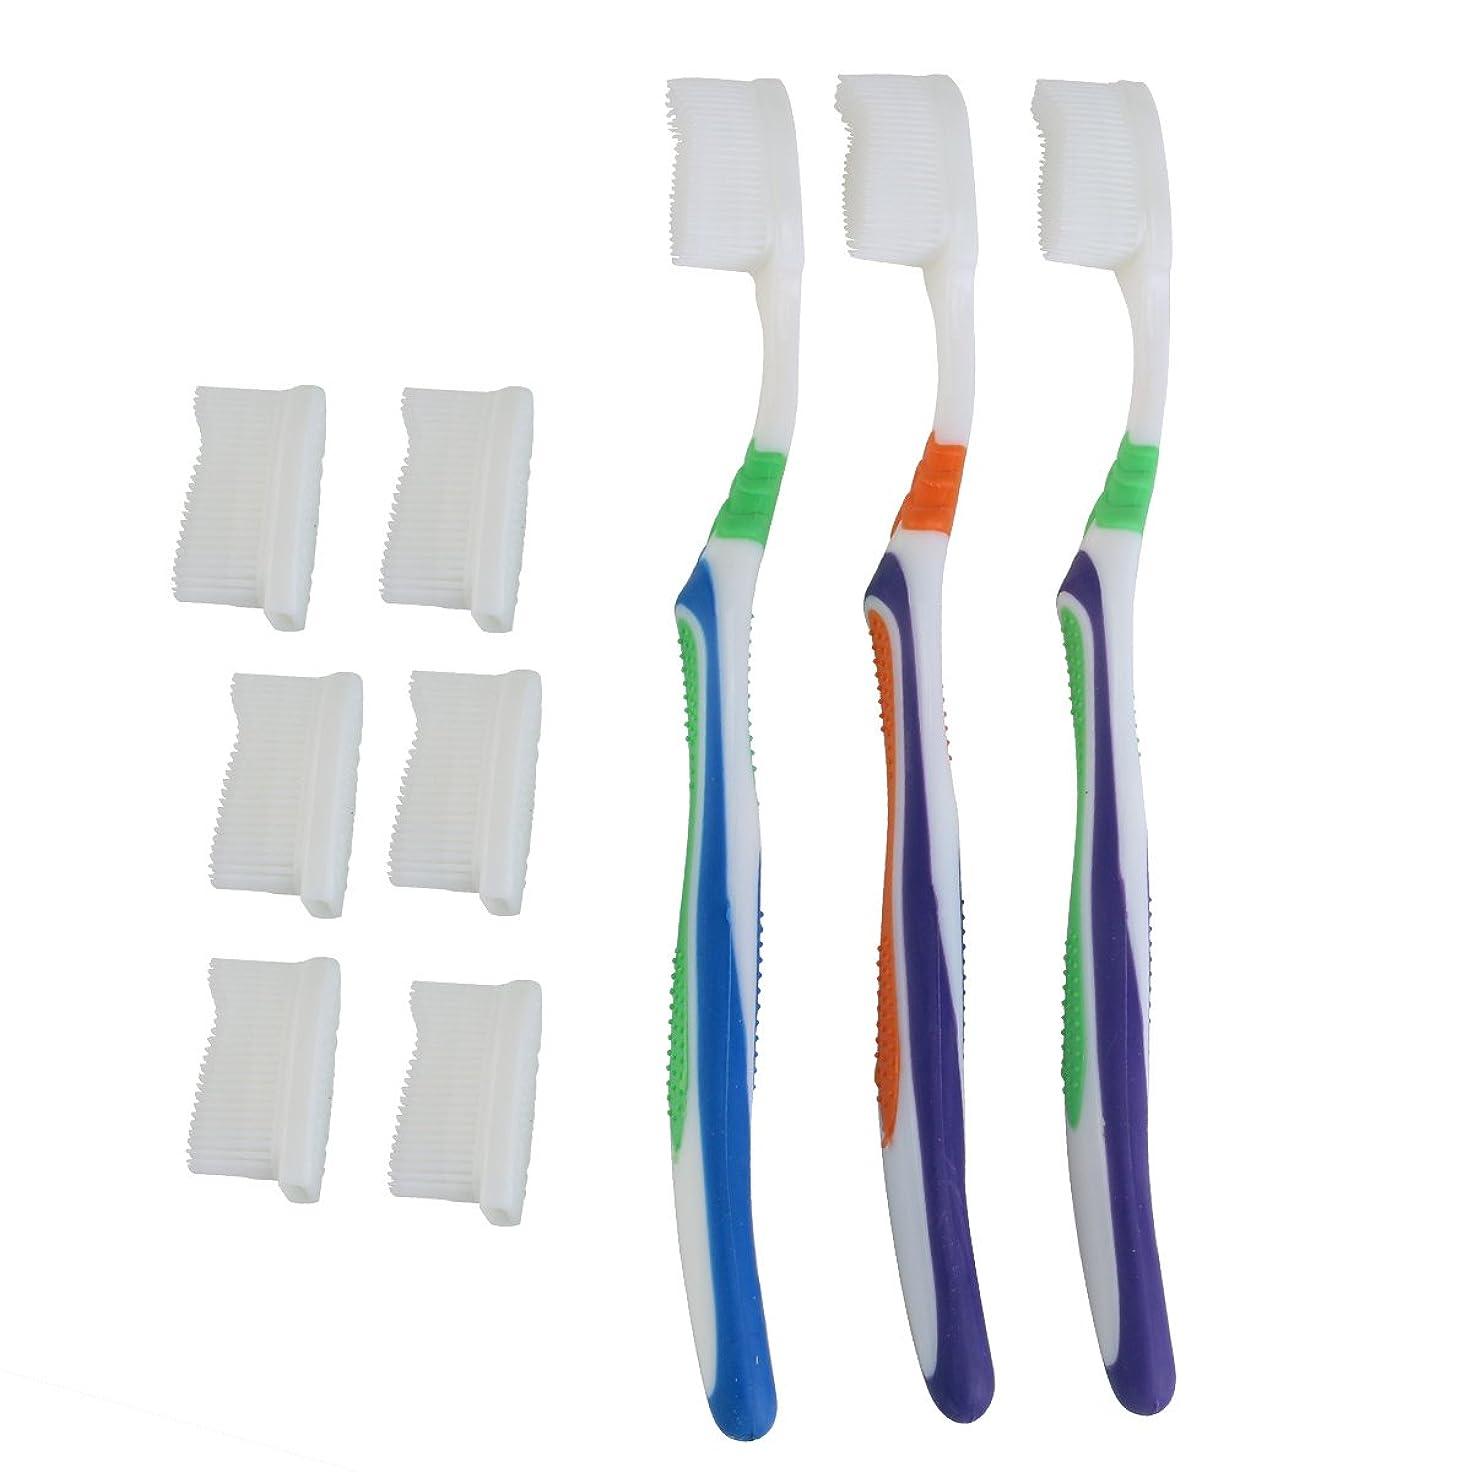 受けるデュアルせっかちTOPBATHY 子供と大人のための歯ブラシの頭の代わりとなる柔らかい歯ブラシ(ランダムカラー)